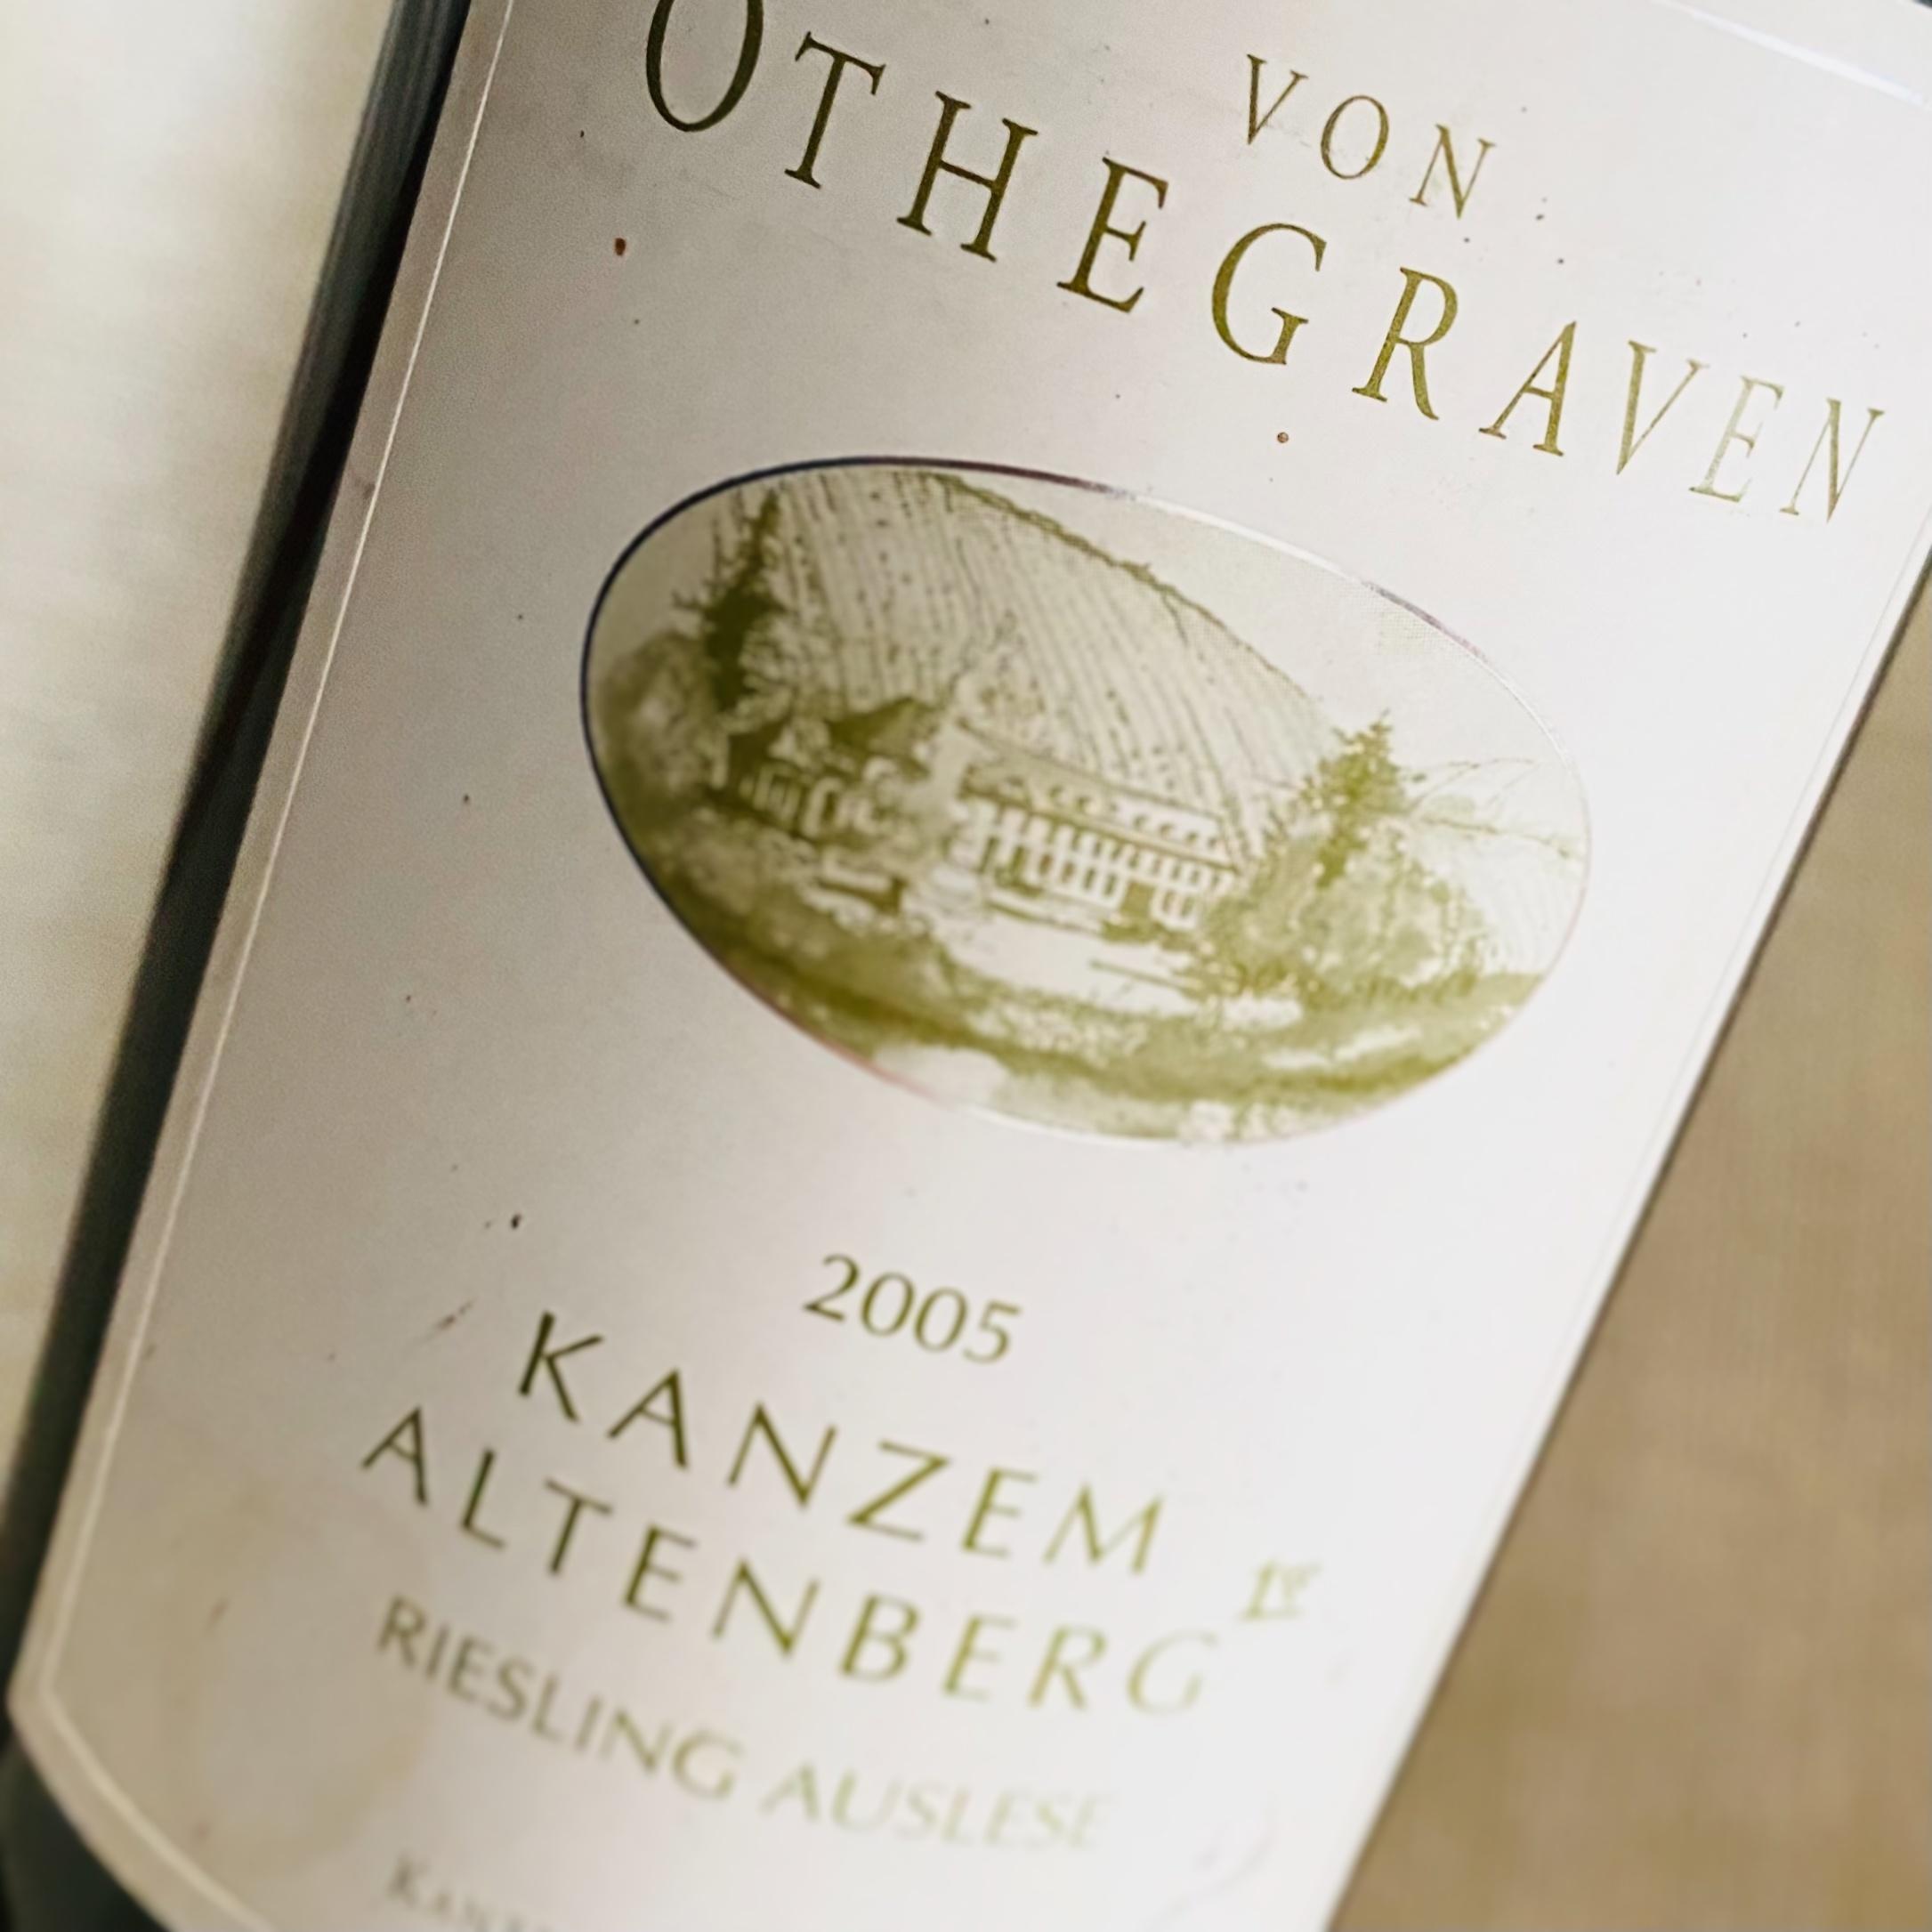 Kanzem Altenberg 2005